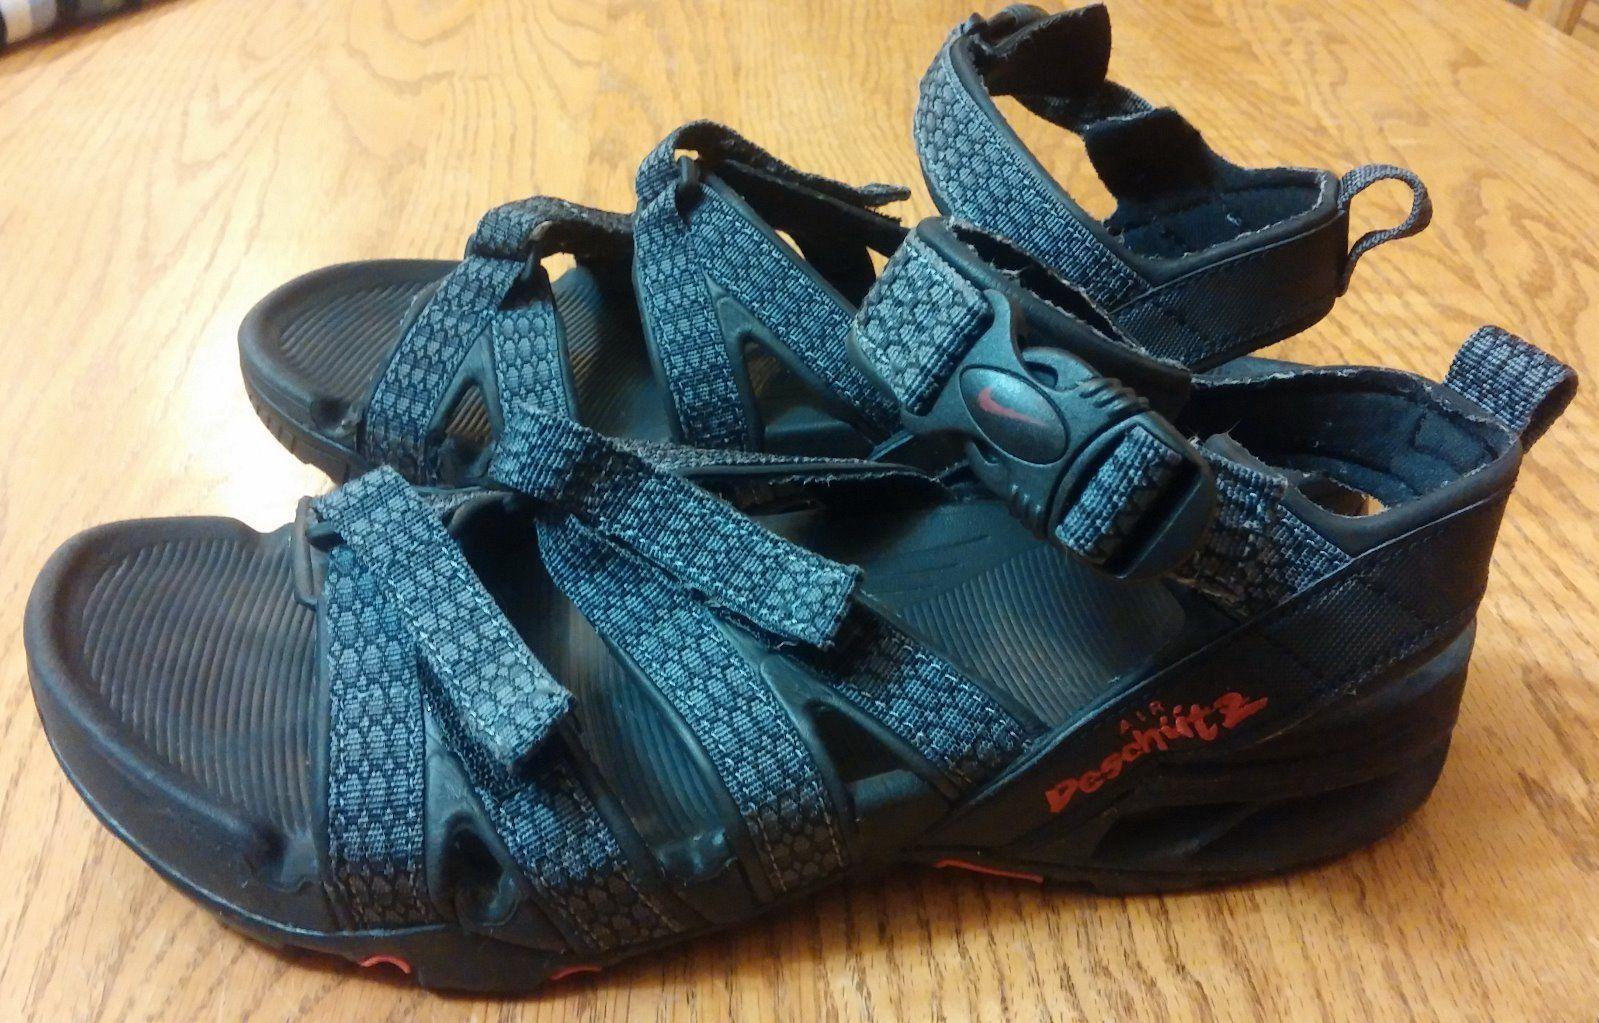 44c56d24120d28 Mens Size 10 Nike ACG Air Deschutz Hiking Sport Water Sandals Gray Black